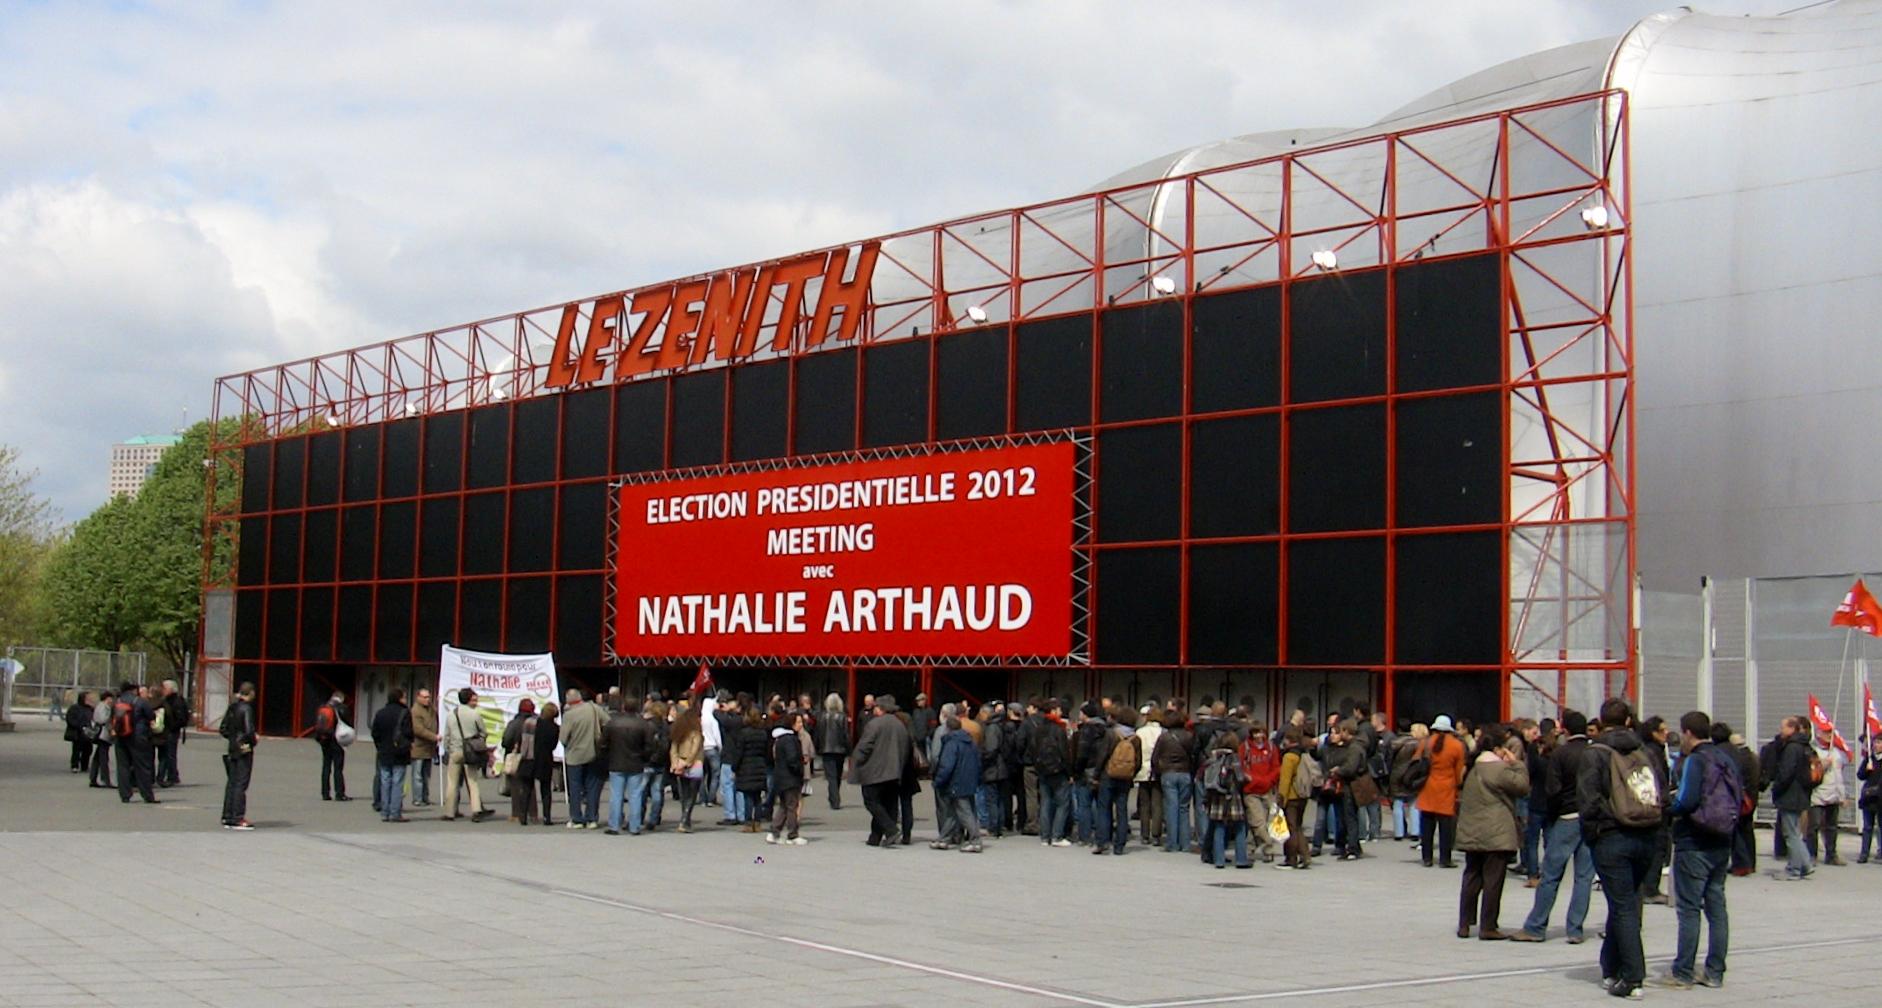 Z%C3%A9nith_de_Paris_-_meeting_Lutte_Ouvri%C3%A8re_15-04-2012_-_1.JPG